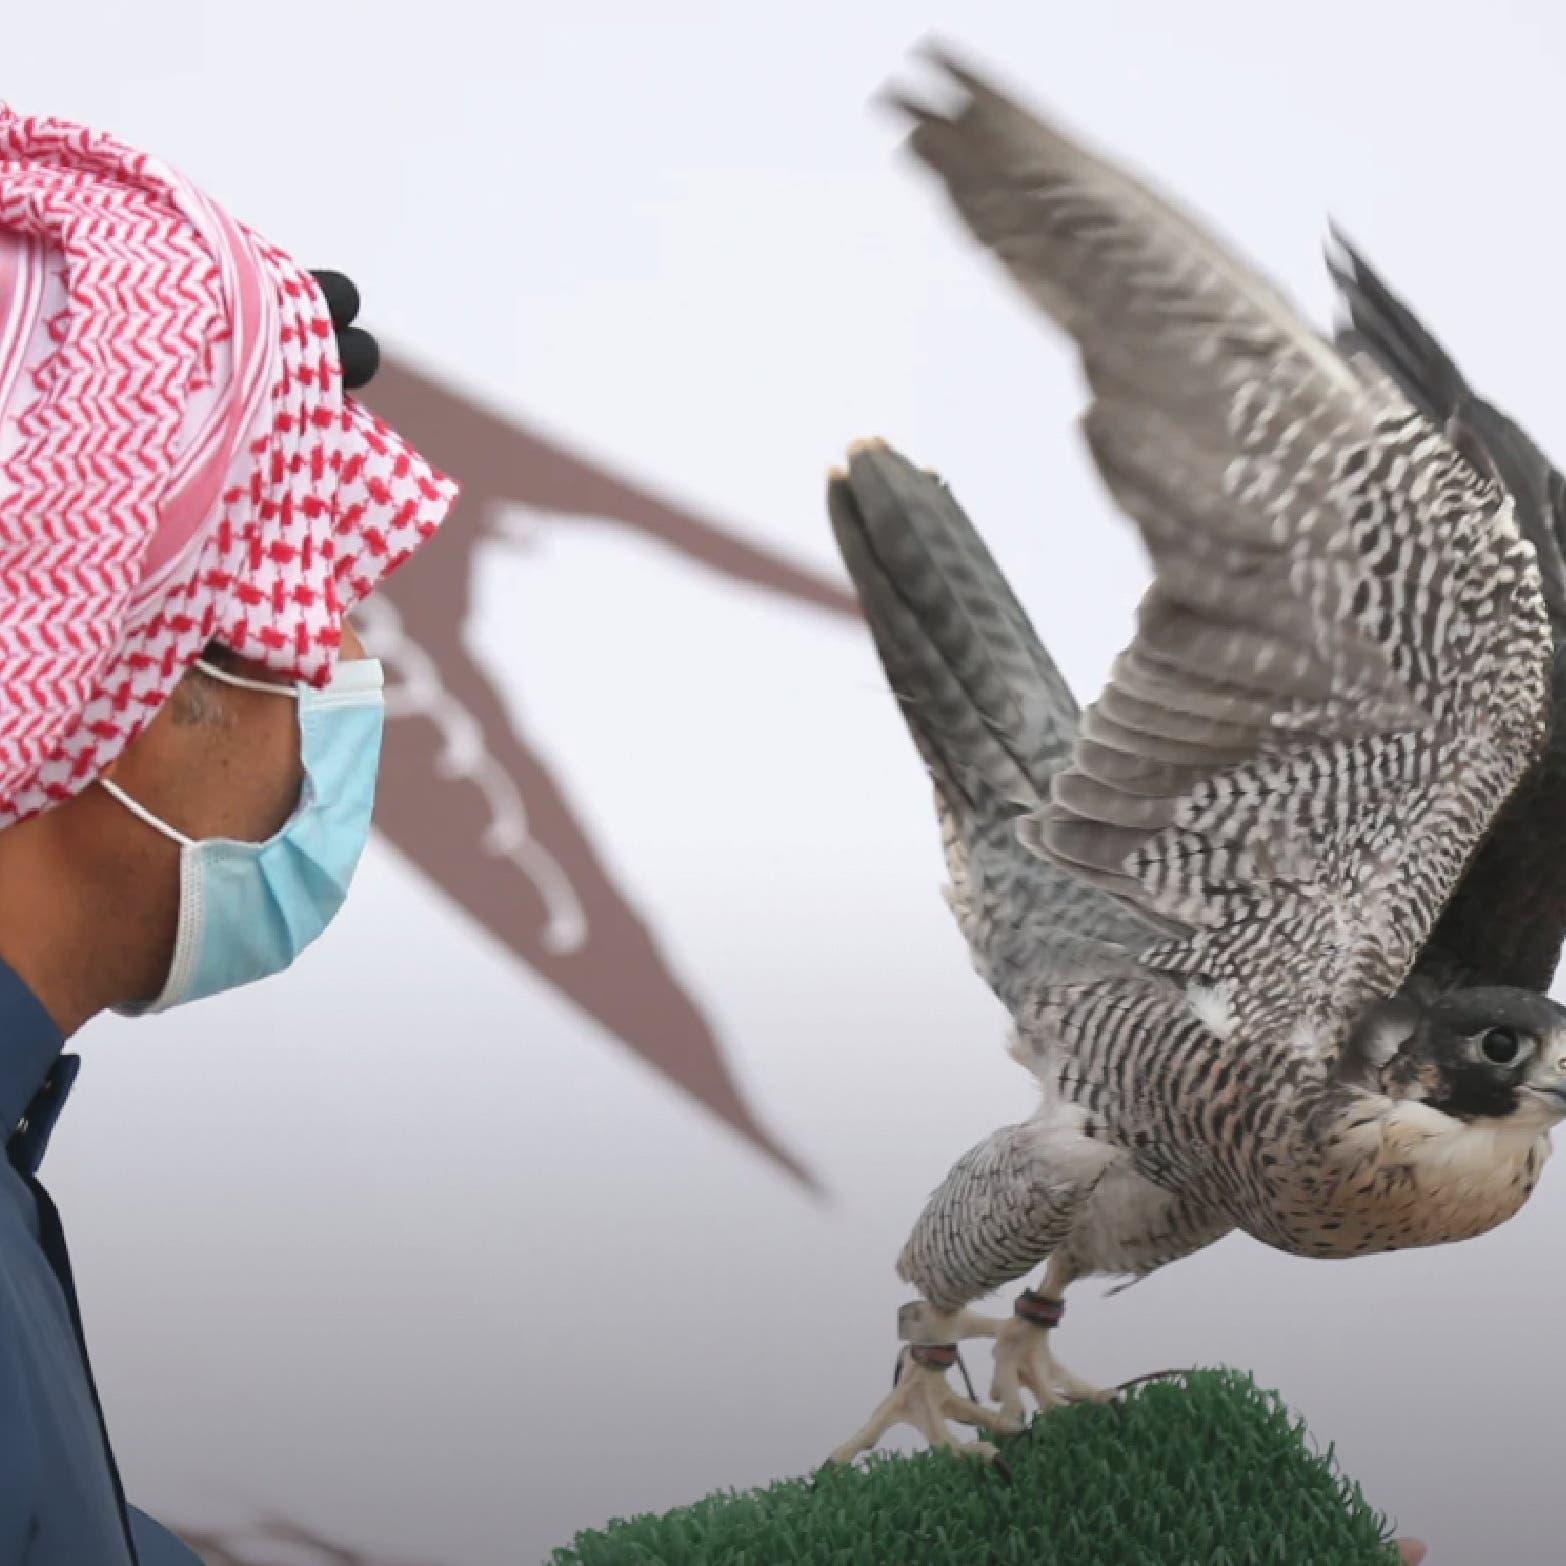 في الرياض.. هذا موعد المزاد الدولي لمزارع إنتاج الصقور